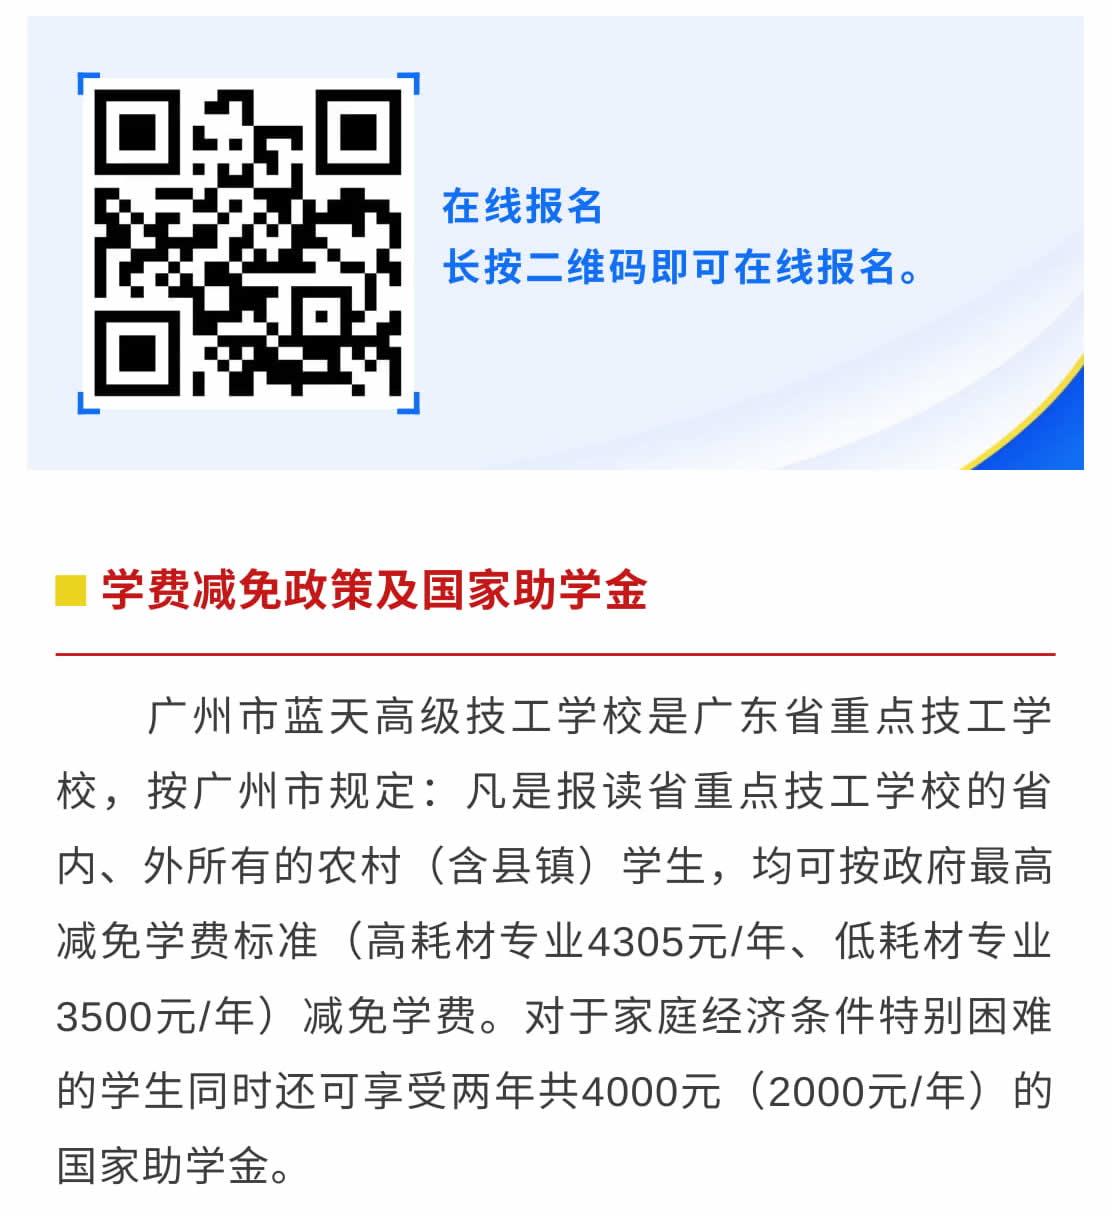 专业介绍 _ 电子商务(高中起点三年制)-1_r10_c1.jpg